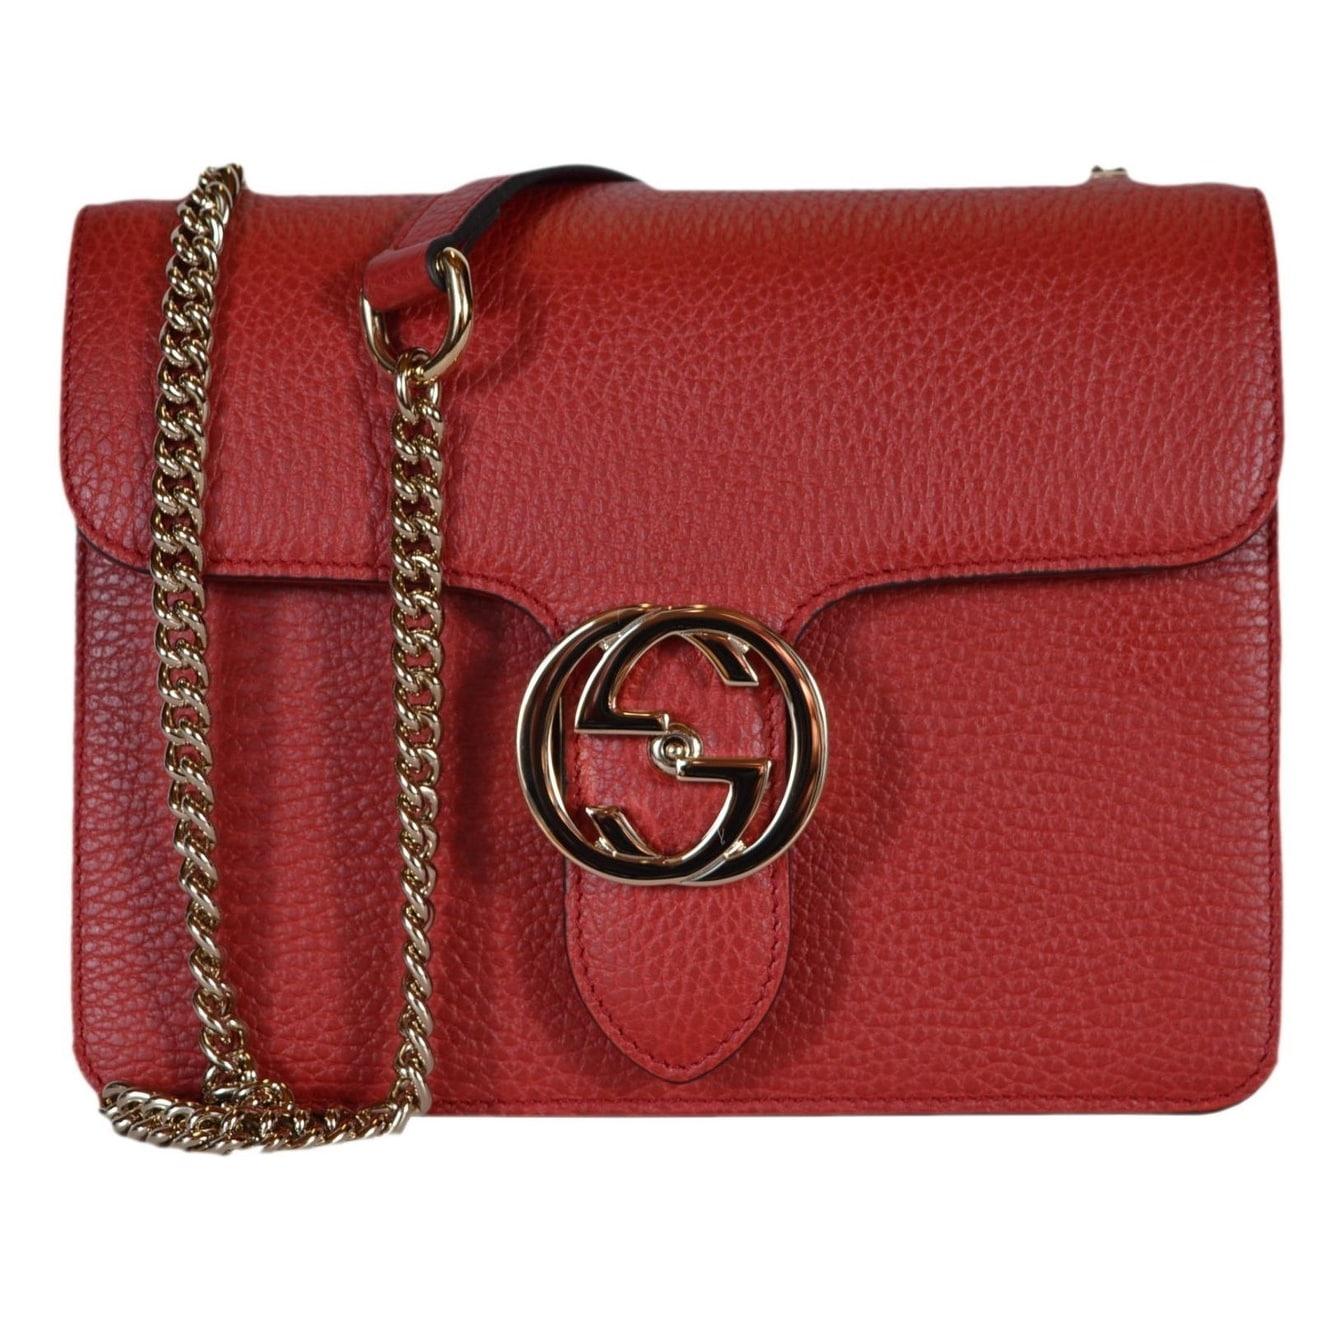 22bf14a7af0 Gucci Women's Red Leather 510304 Interlocking GG Crossbody Purse Handbag -  7.75